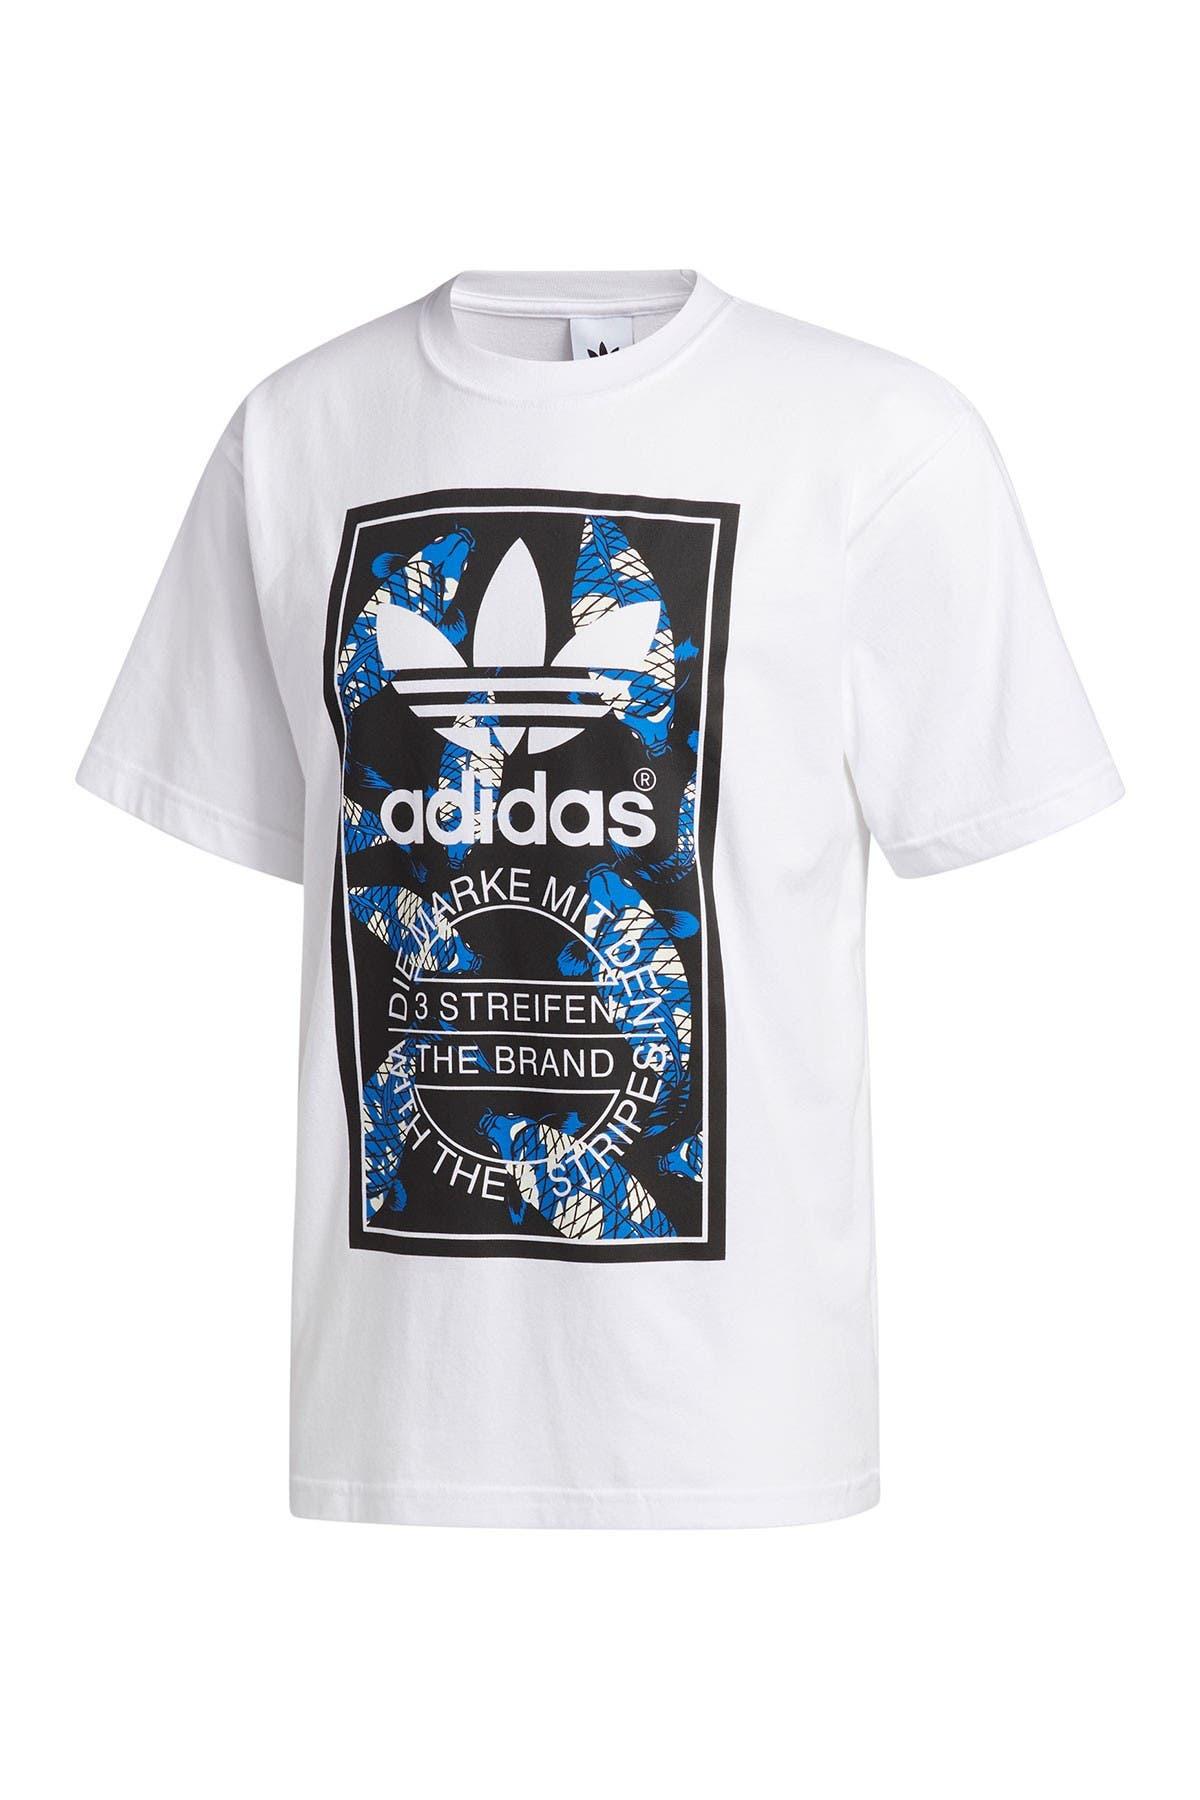 Image of adidas Koi tongue Label T-Shirt